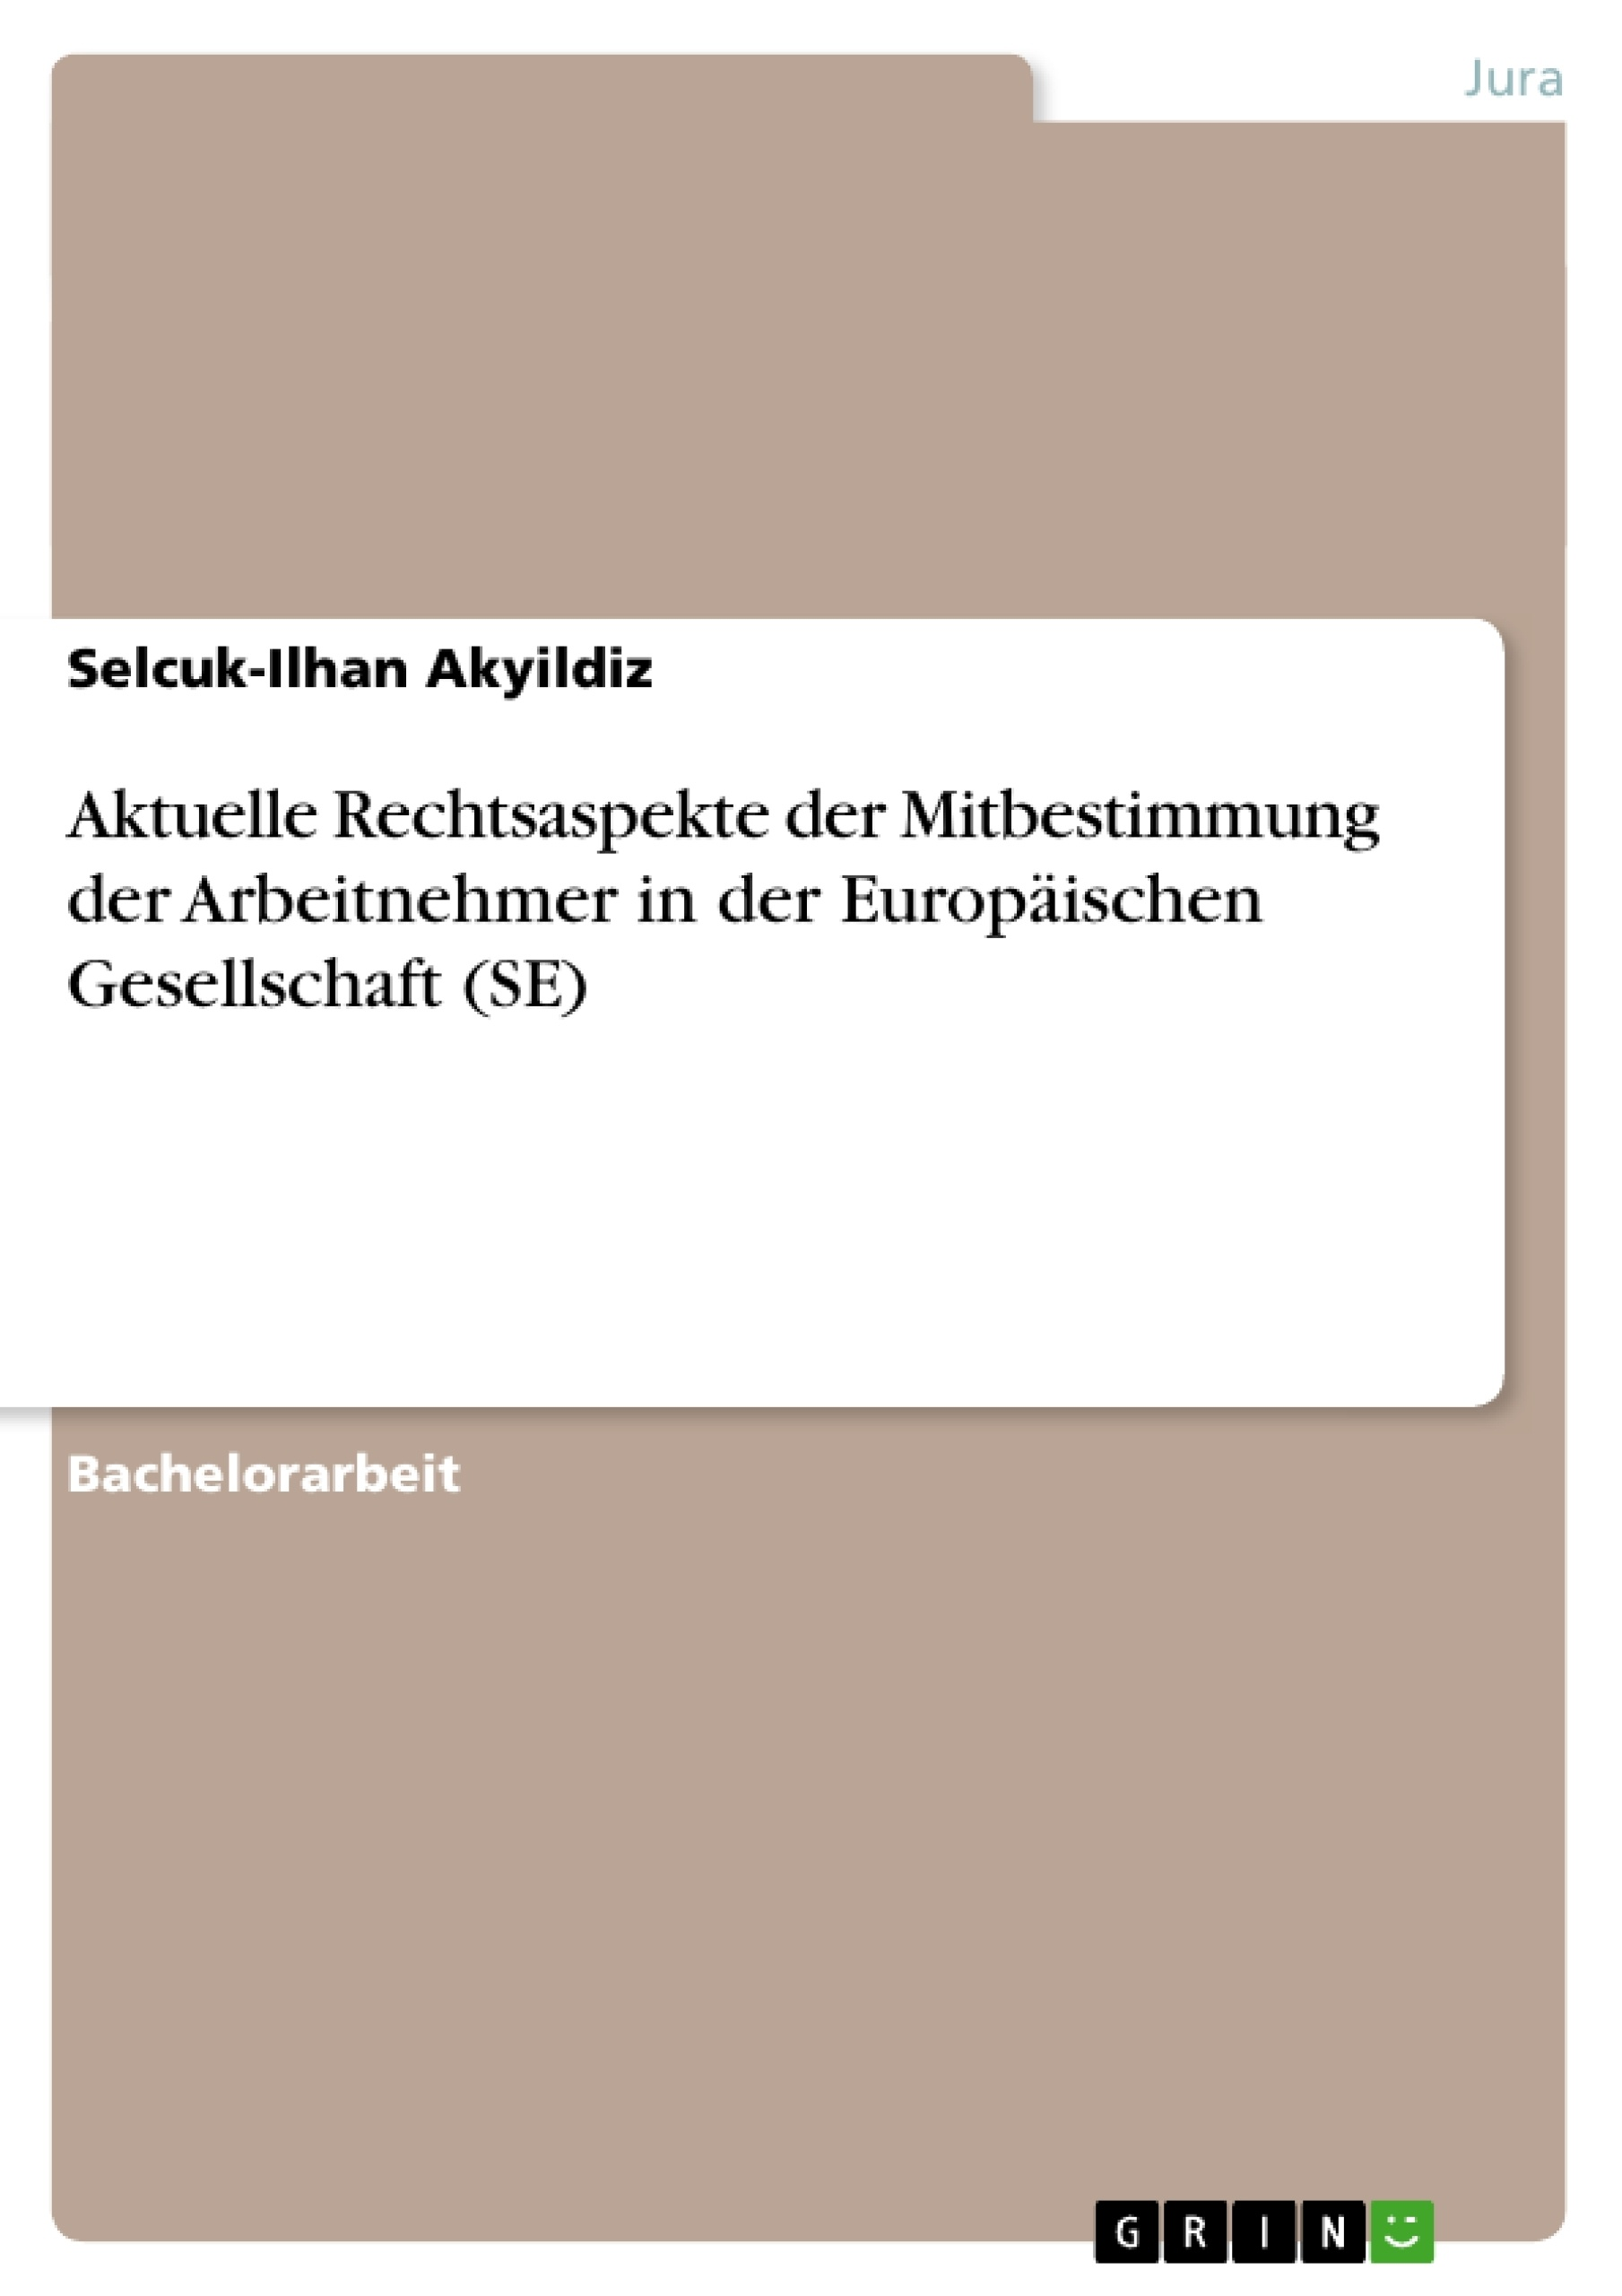 Titel: Aktuelle Rechtsaspekte der Mitbestimmung der Arbeitnehmer in der  Europäischen Gesellschaft (SE)